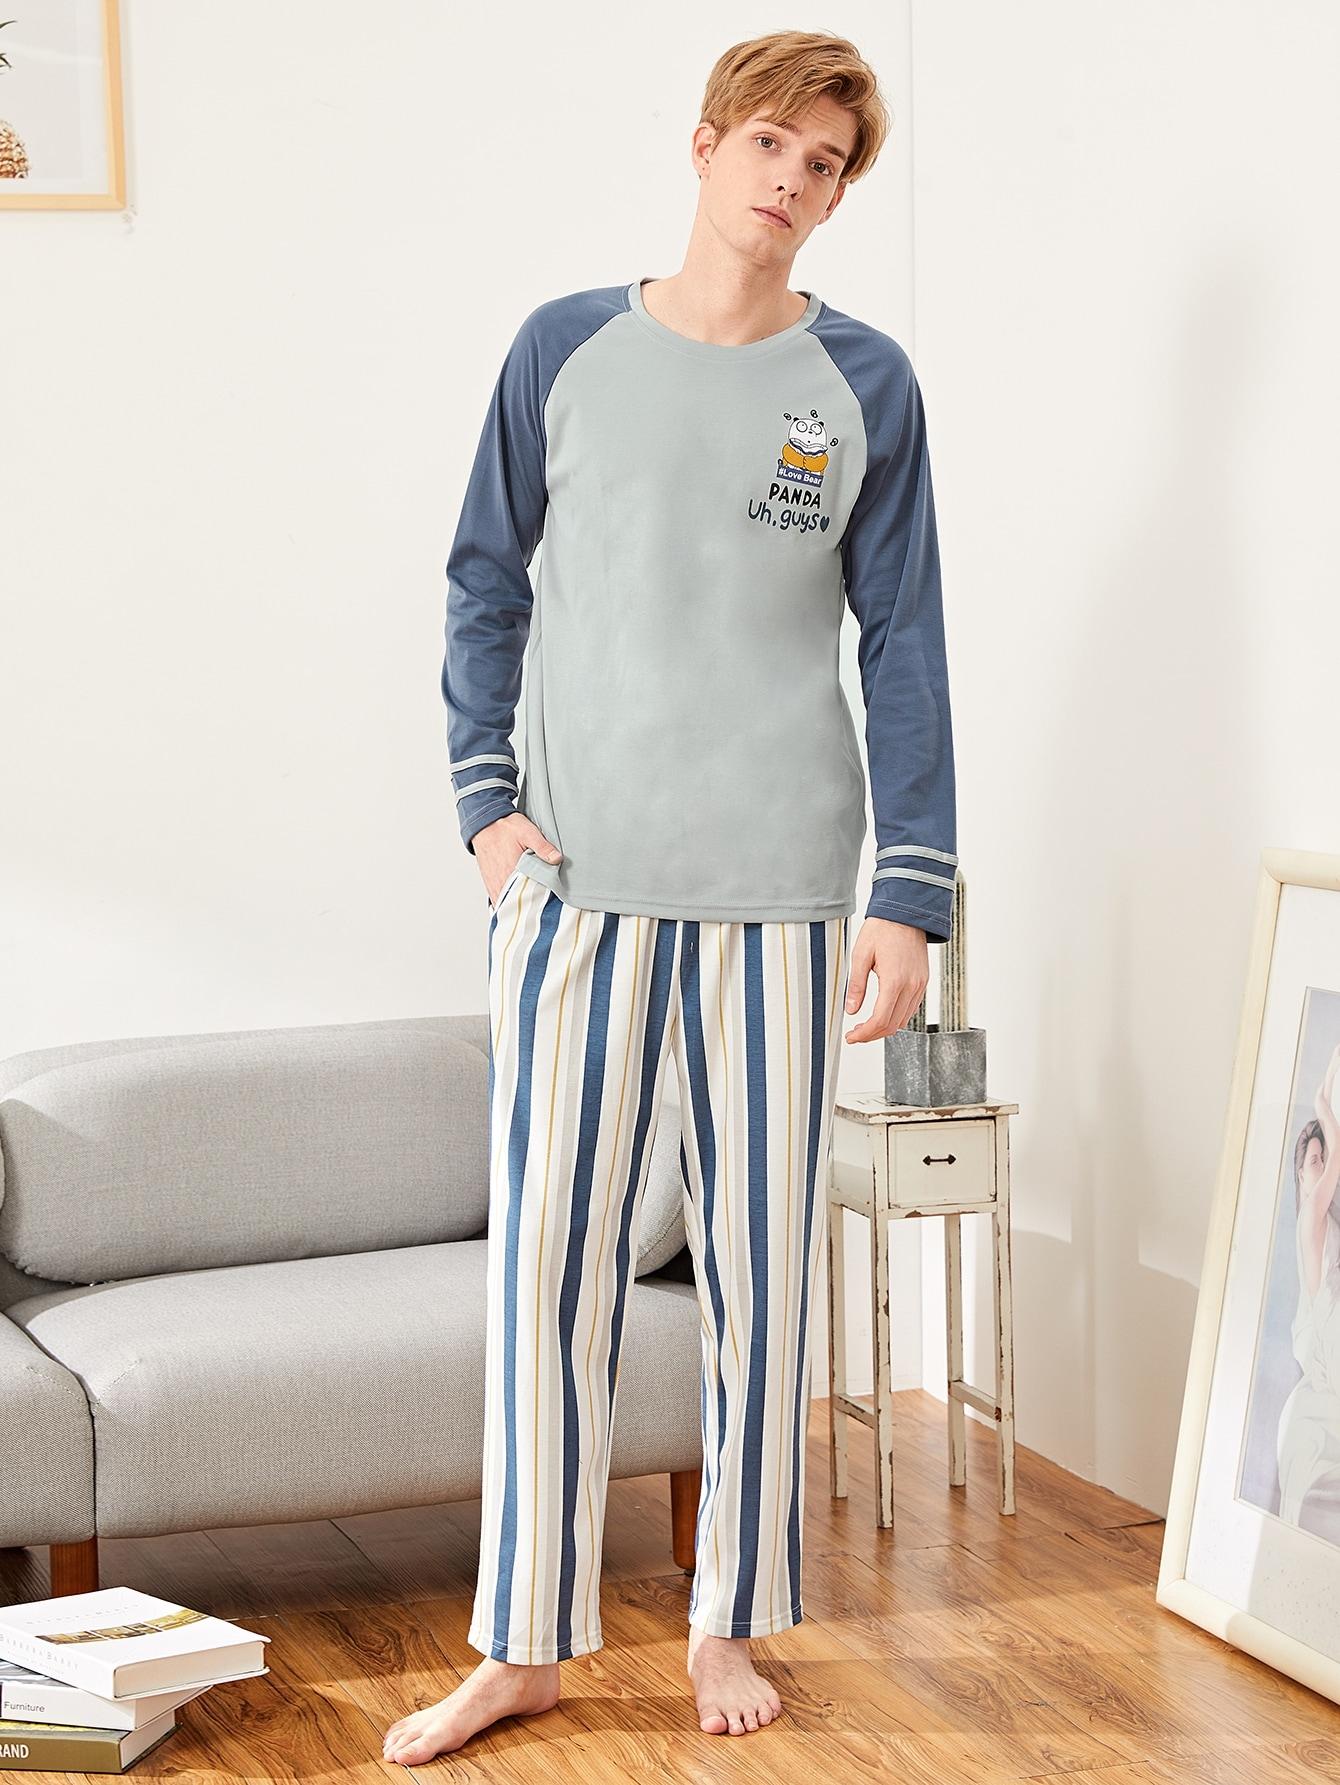 Купить Мужская полосатая пижама с принтом панды, Simon, SheIn